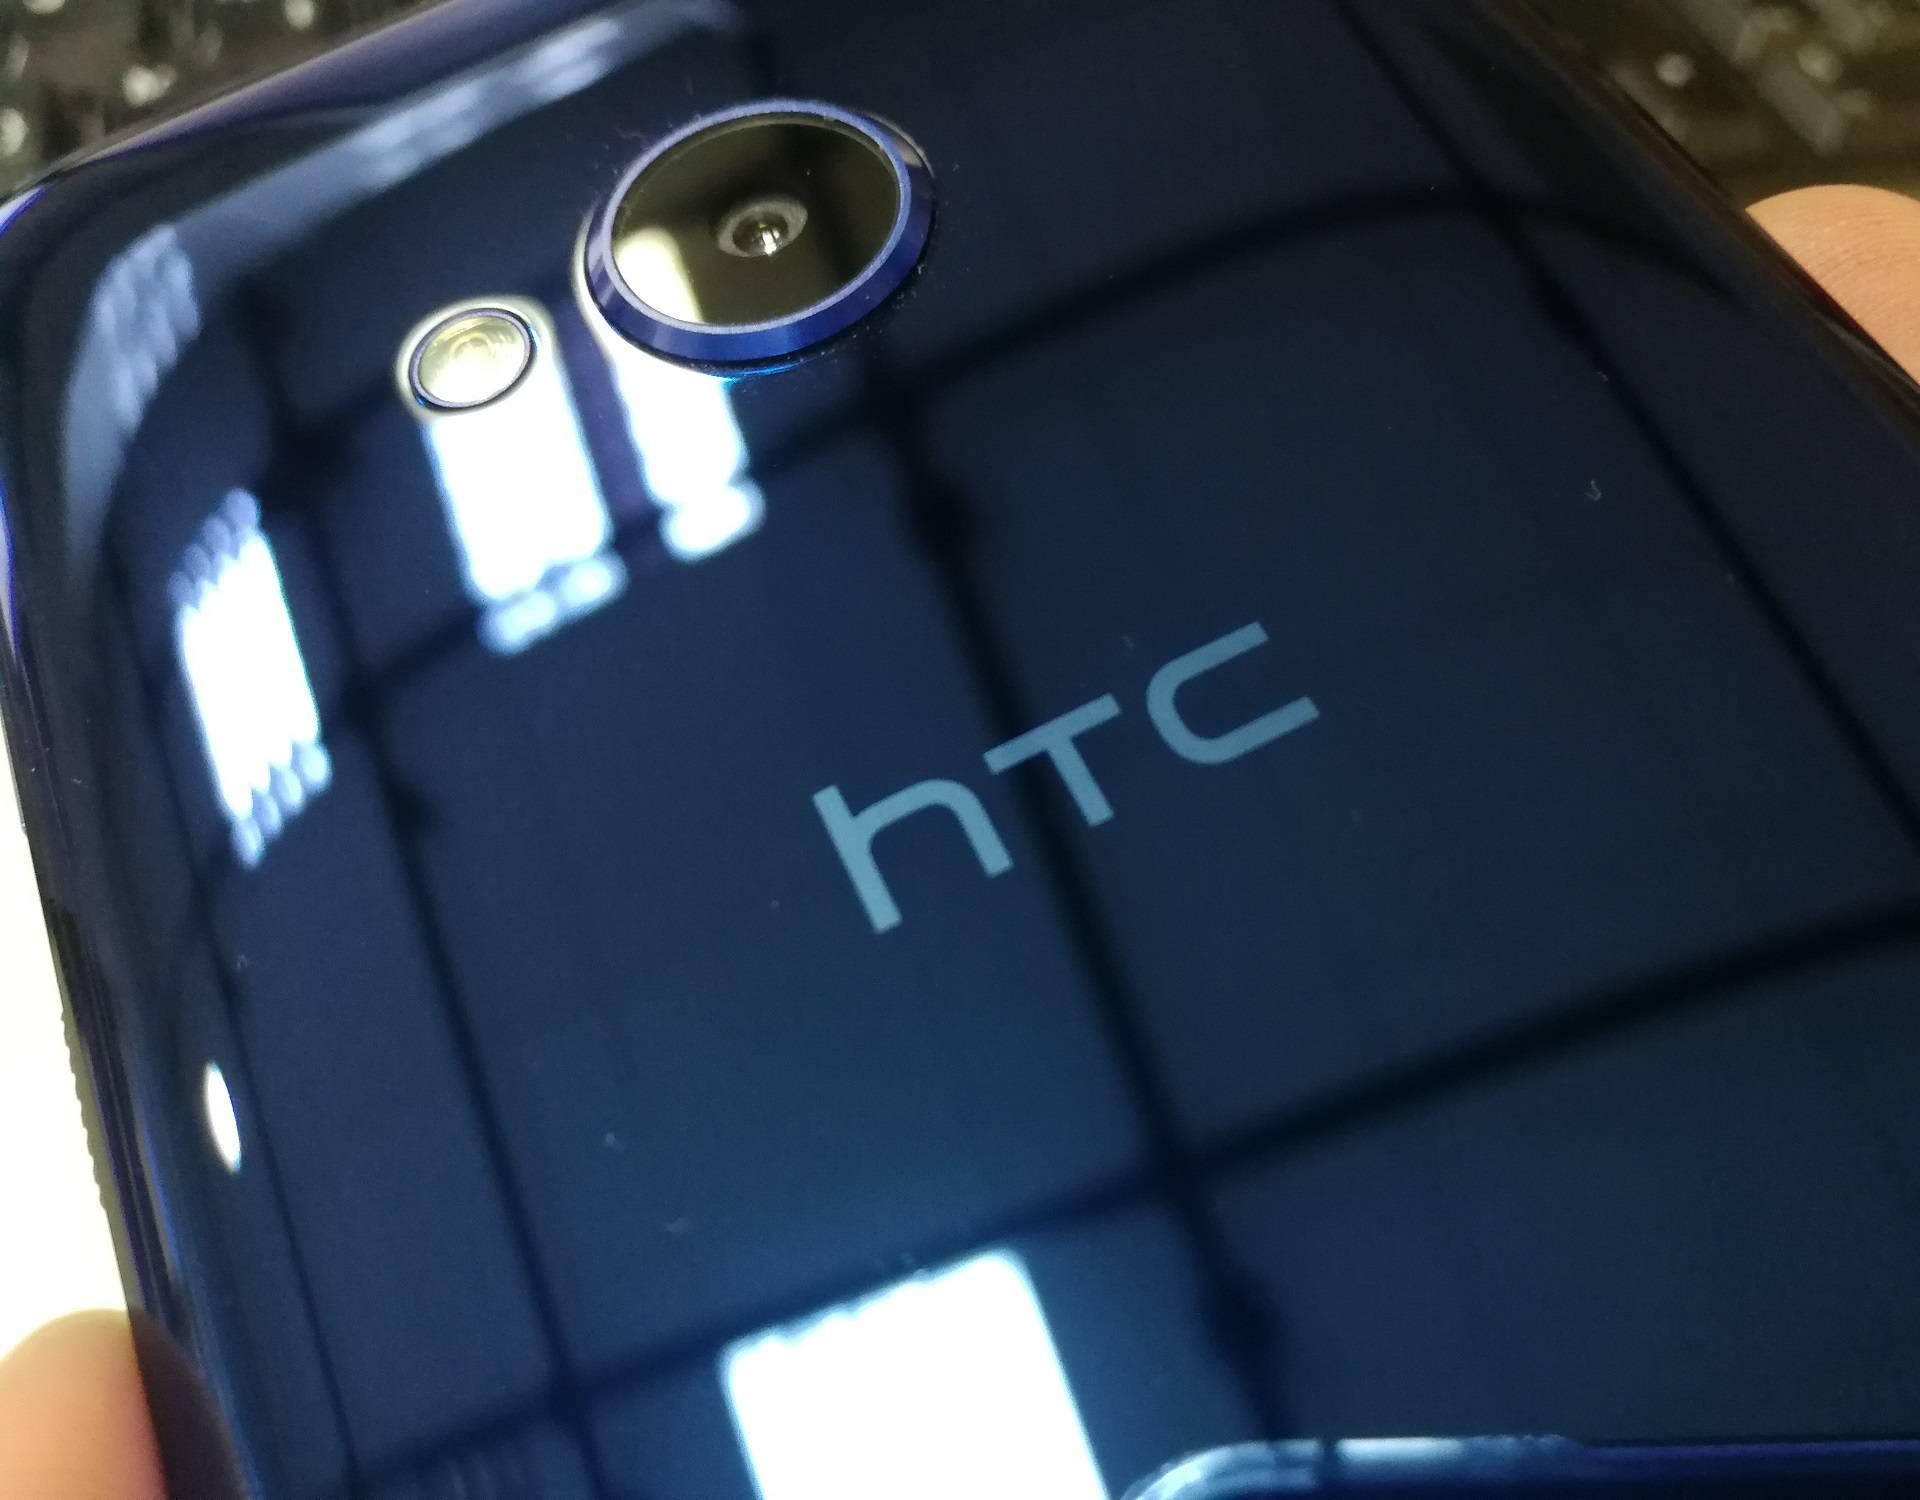 HTC radi telefon kojeg ćete morati stiskati da bi radio